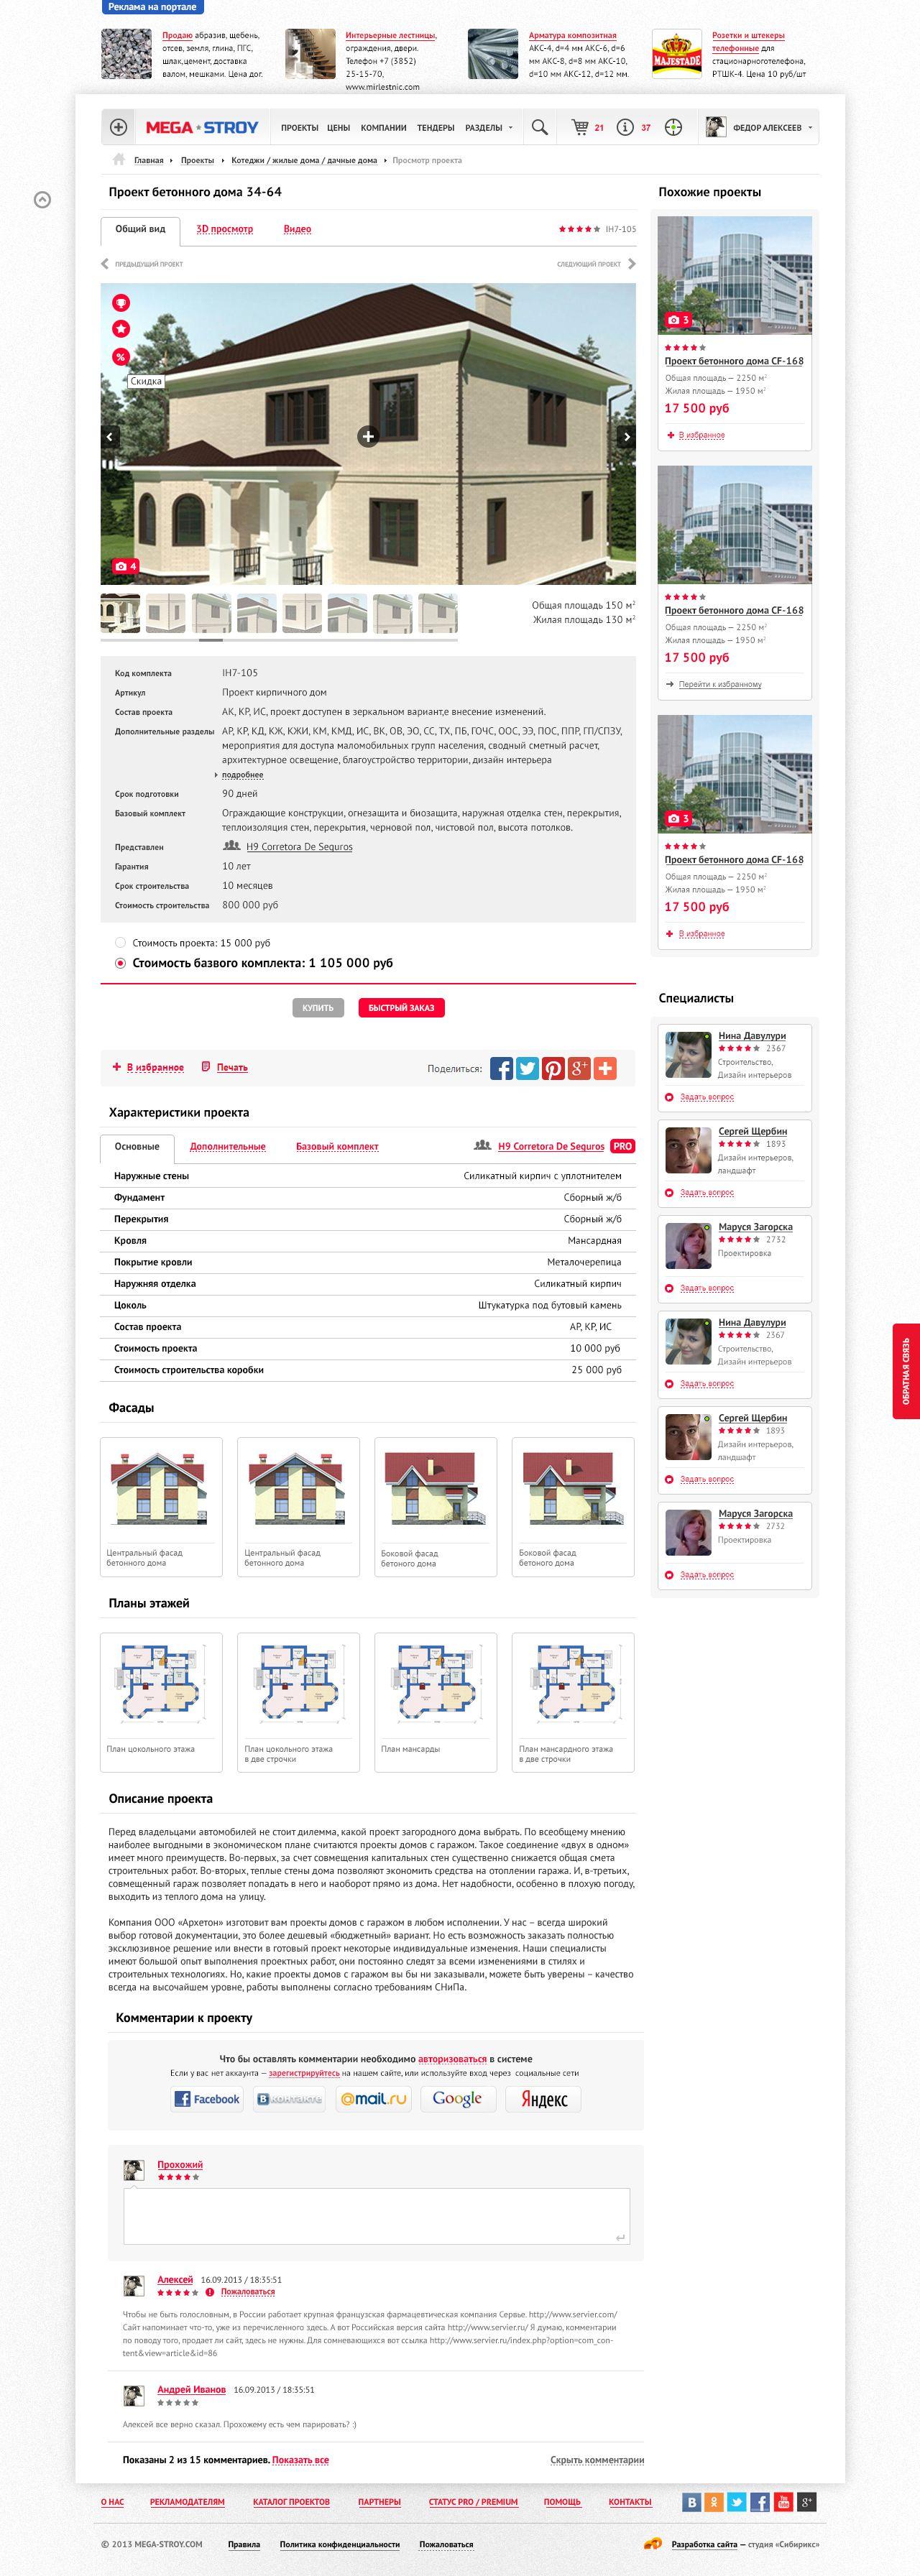 <p><b>Страница проекта</b></p> <p>Карточка проекта содержит исчерпывающие технические данные, атакже чертежи иинтерактивные 3D-модели.</p>